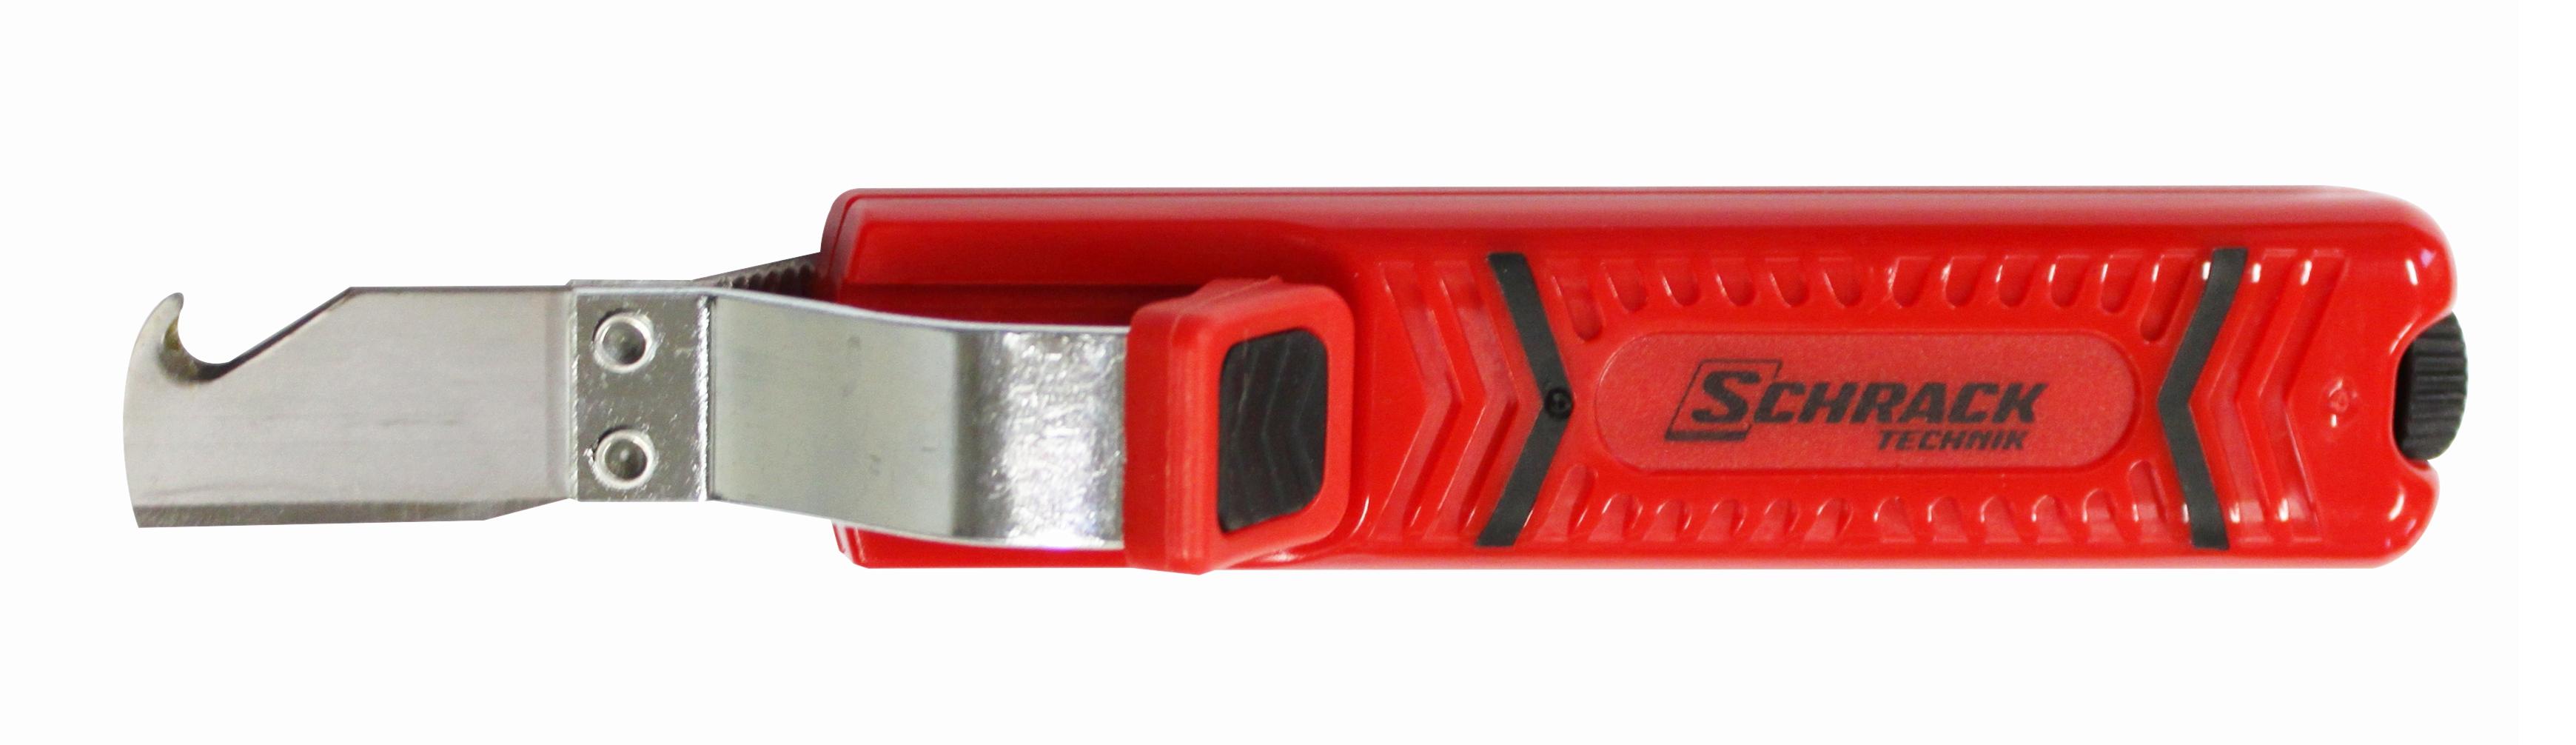 1 Stk Kabelmesser Schrack mit Hakenklinge, Universal: 8-28mm W-95000248